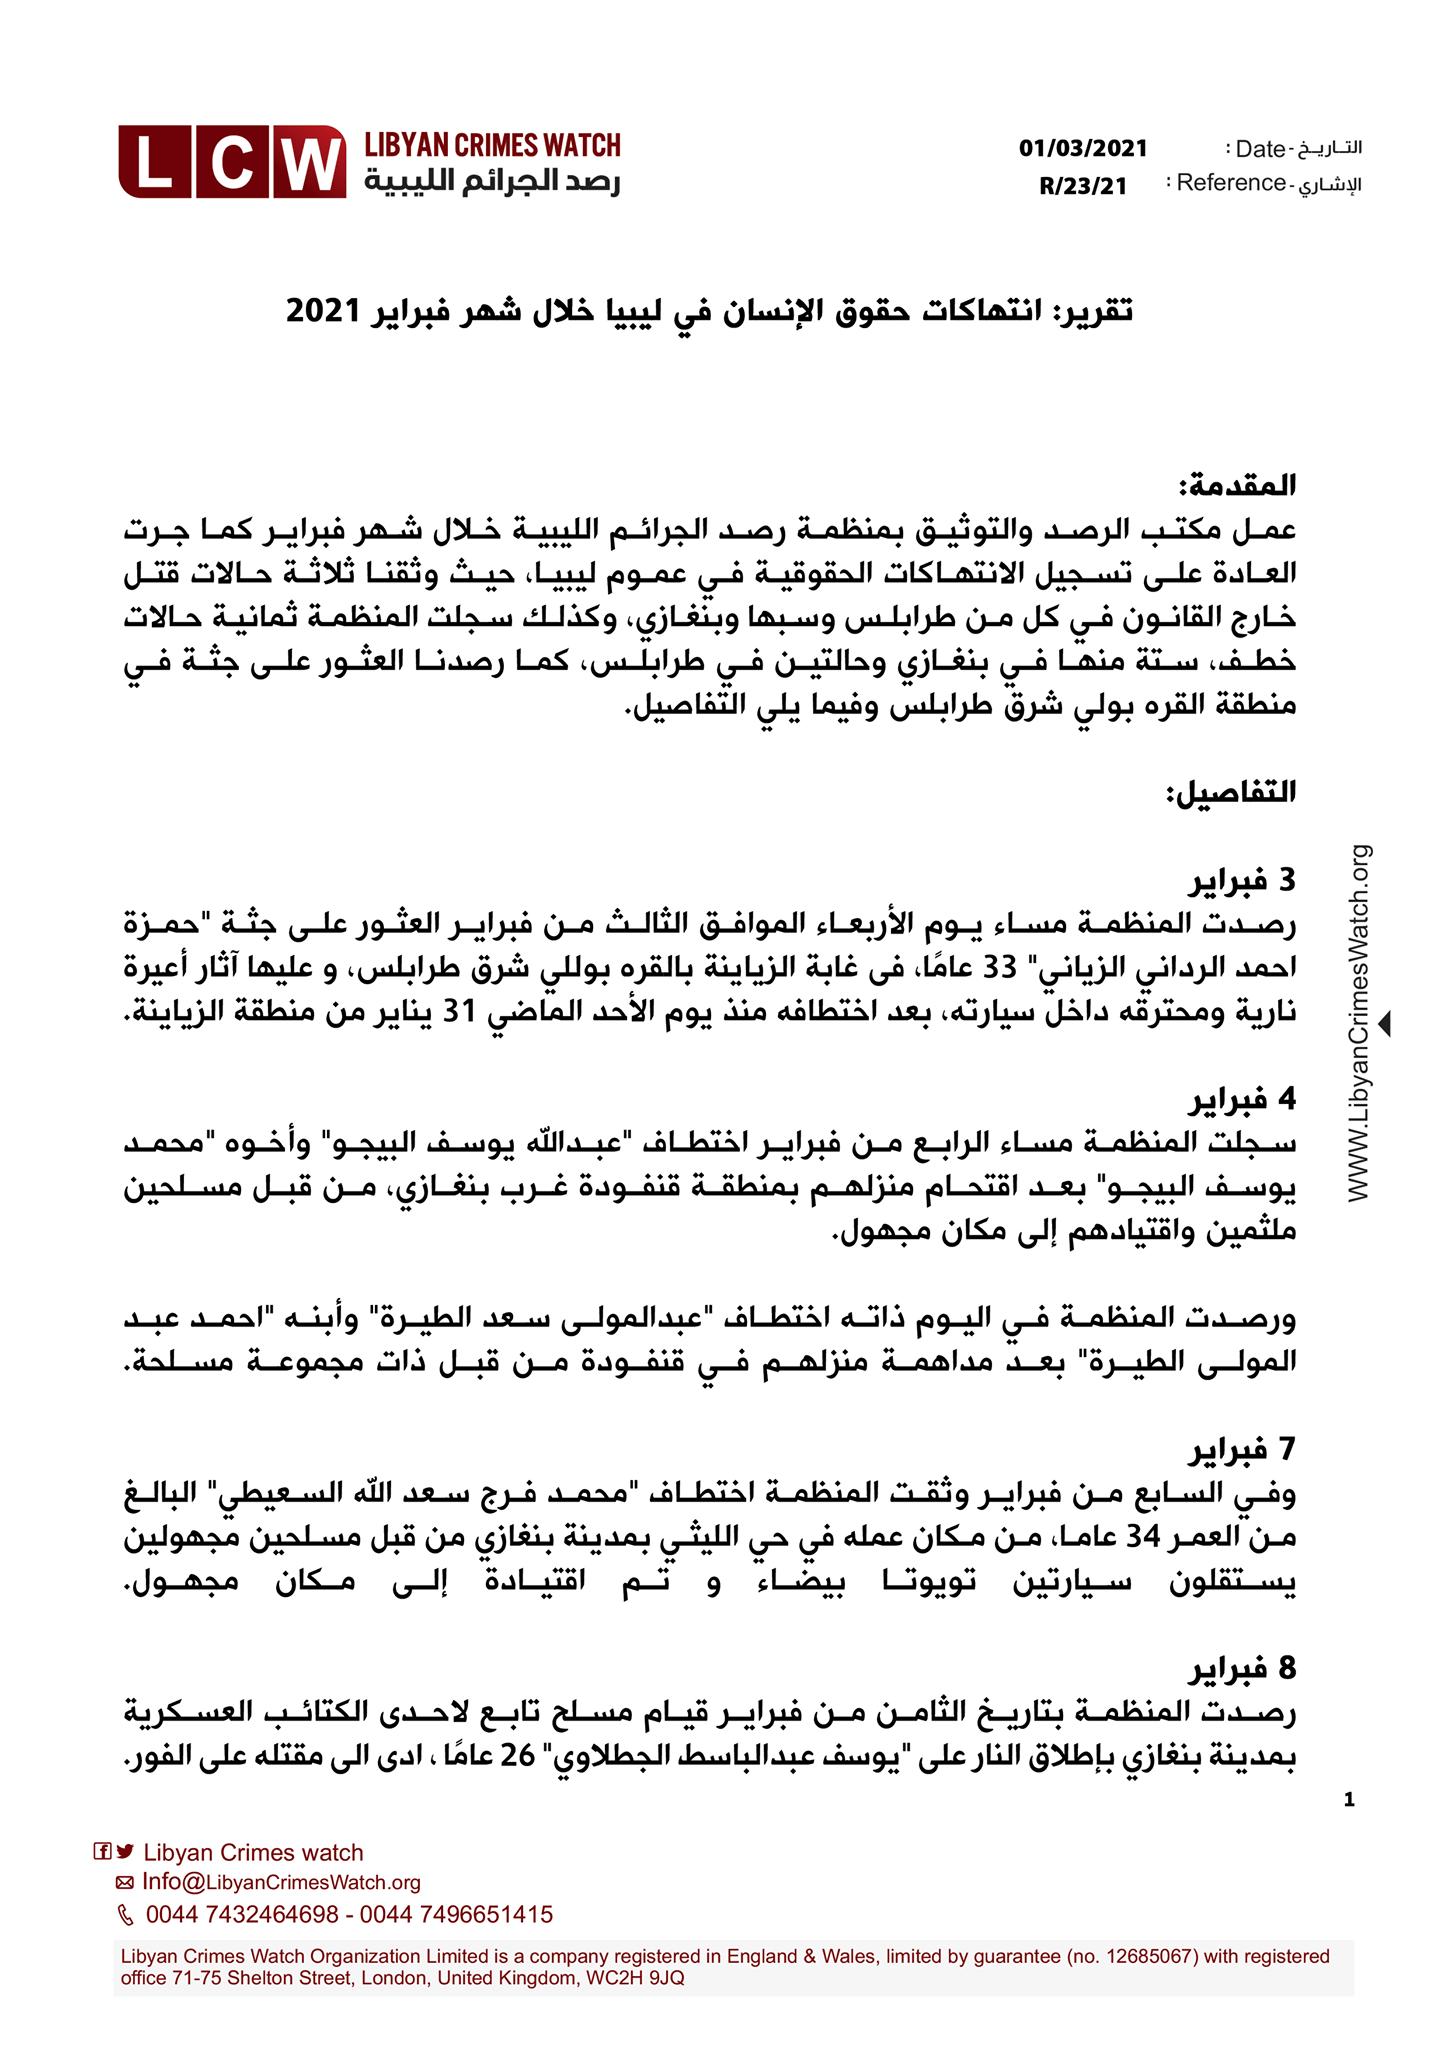 منظمة رصد تنشر تقريراً لانتهاكات حقوق الإنسان في ليبيا خلال شهر فبراير